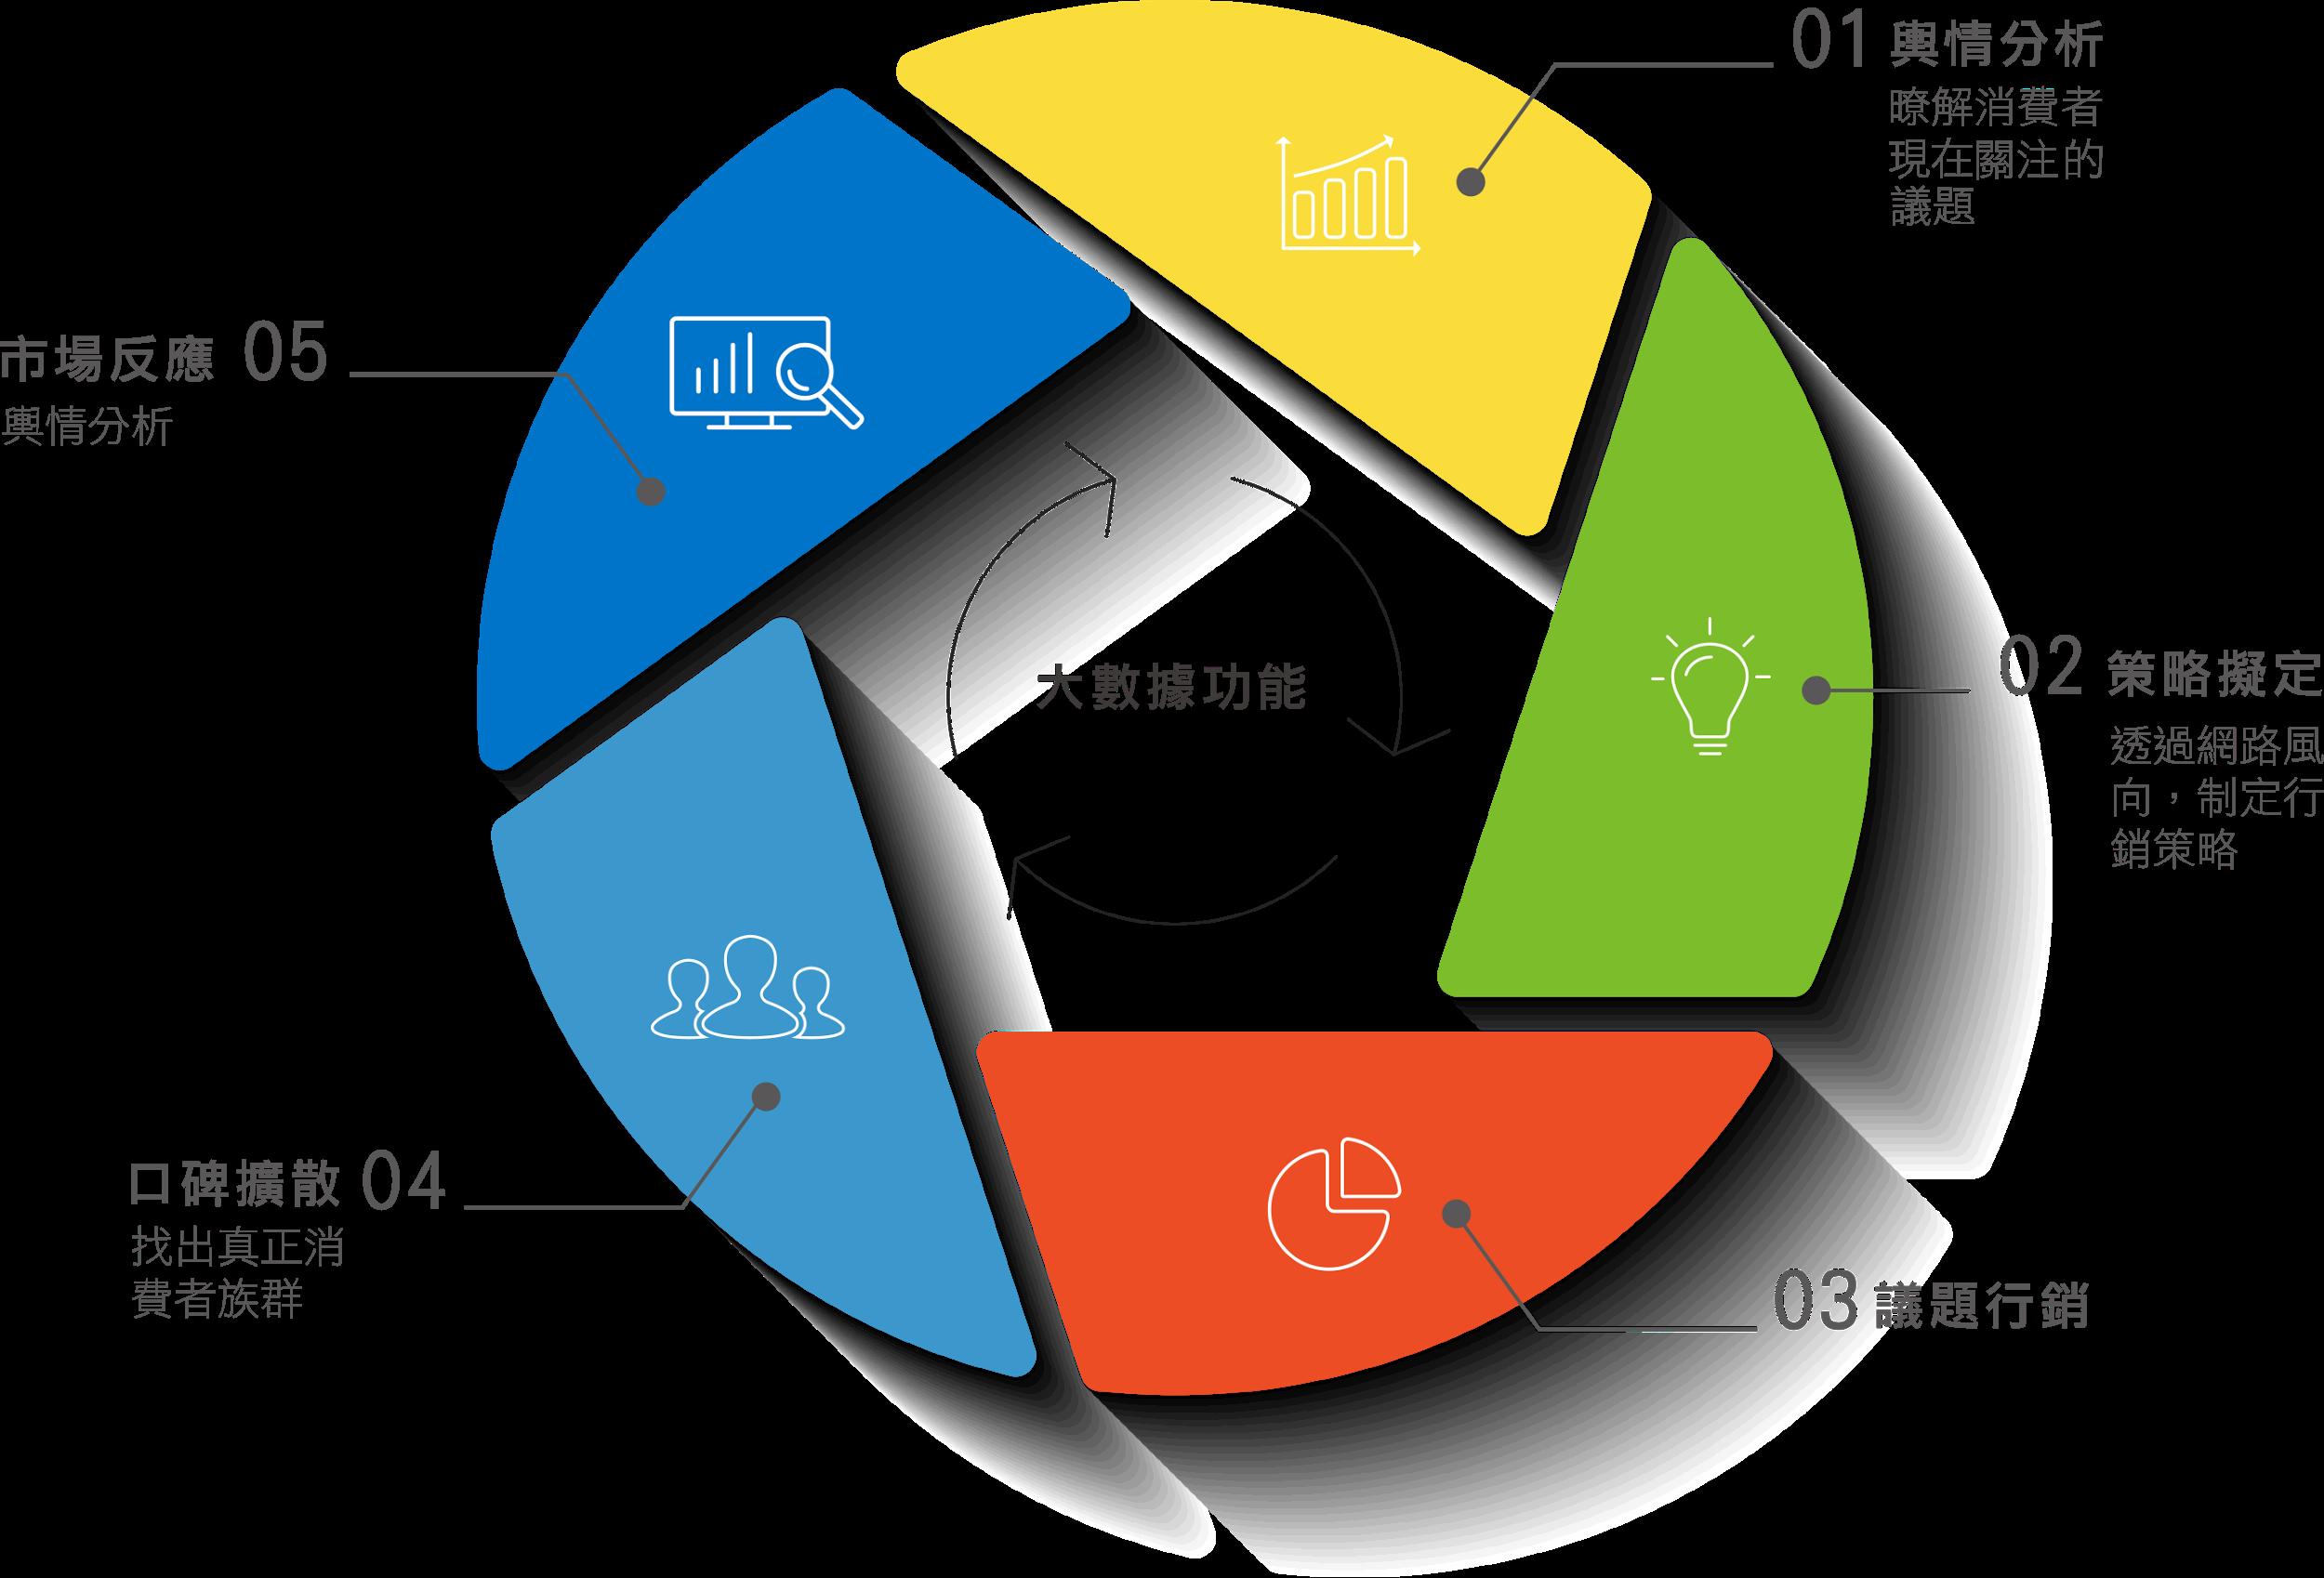 輿情分析掌握熱門議題與社群脈動   擬定更貼近消費者的行銷整合策略